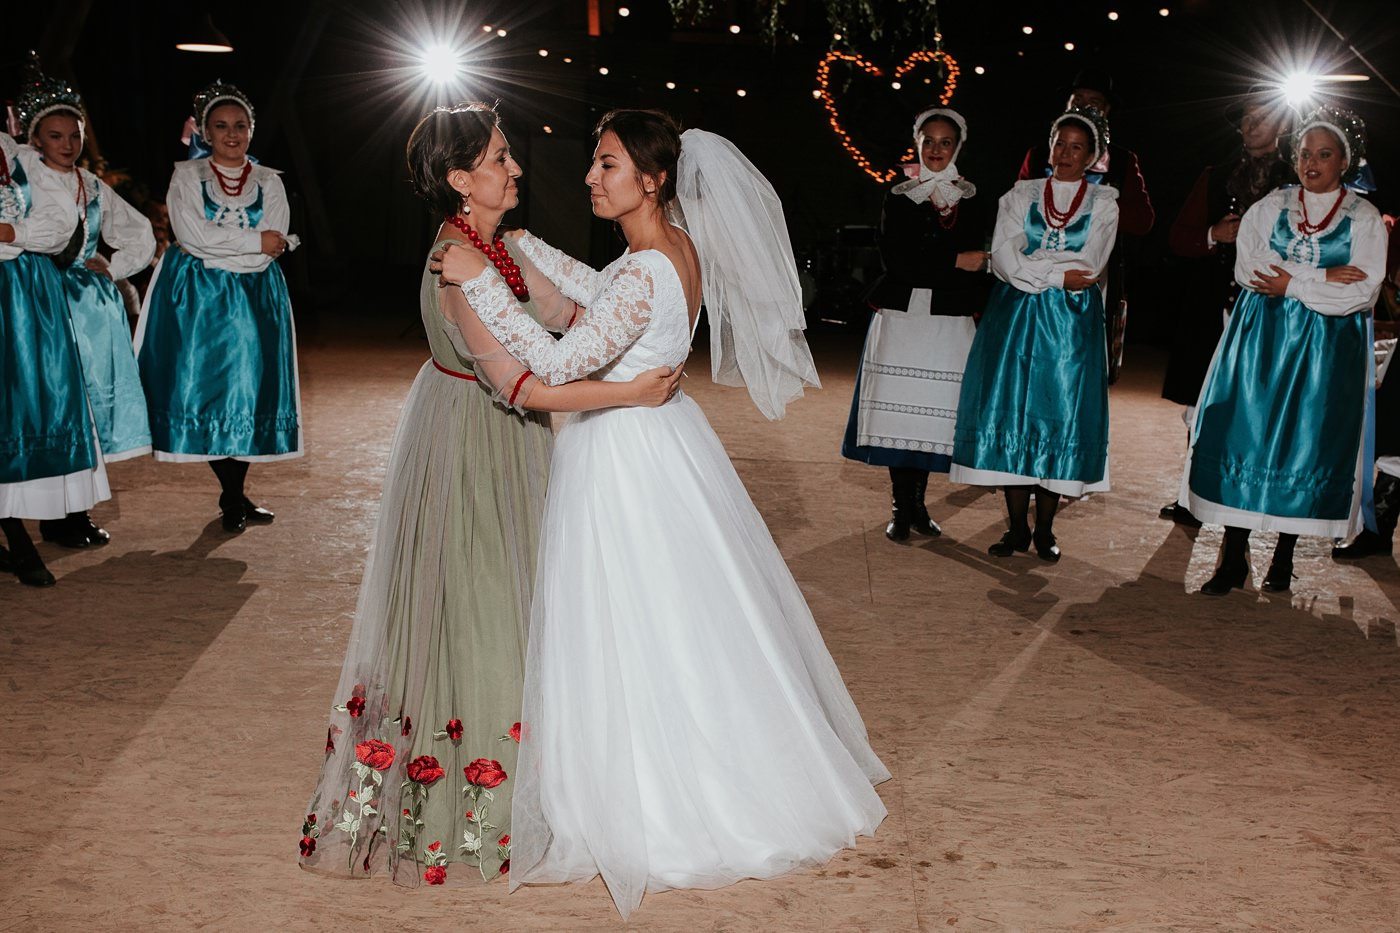 Dominika & Aleksander - Rustykalne wesele w stodole - Baborówko 135